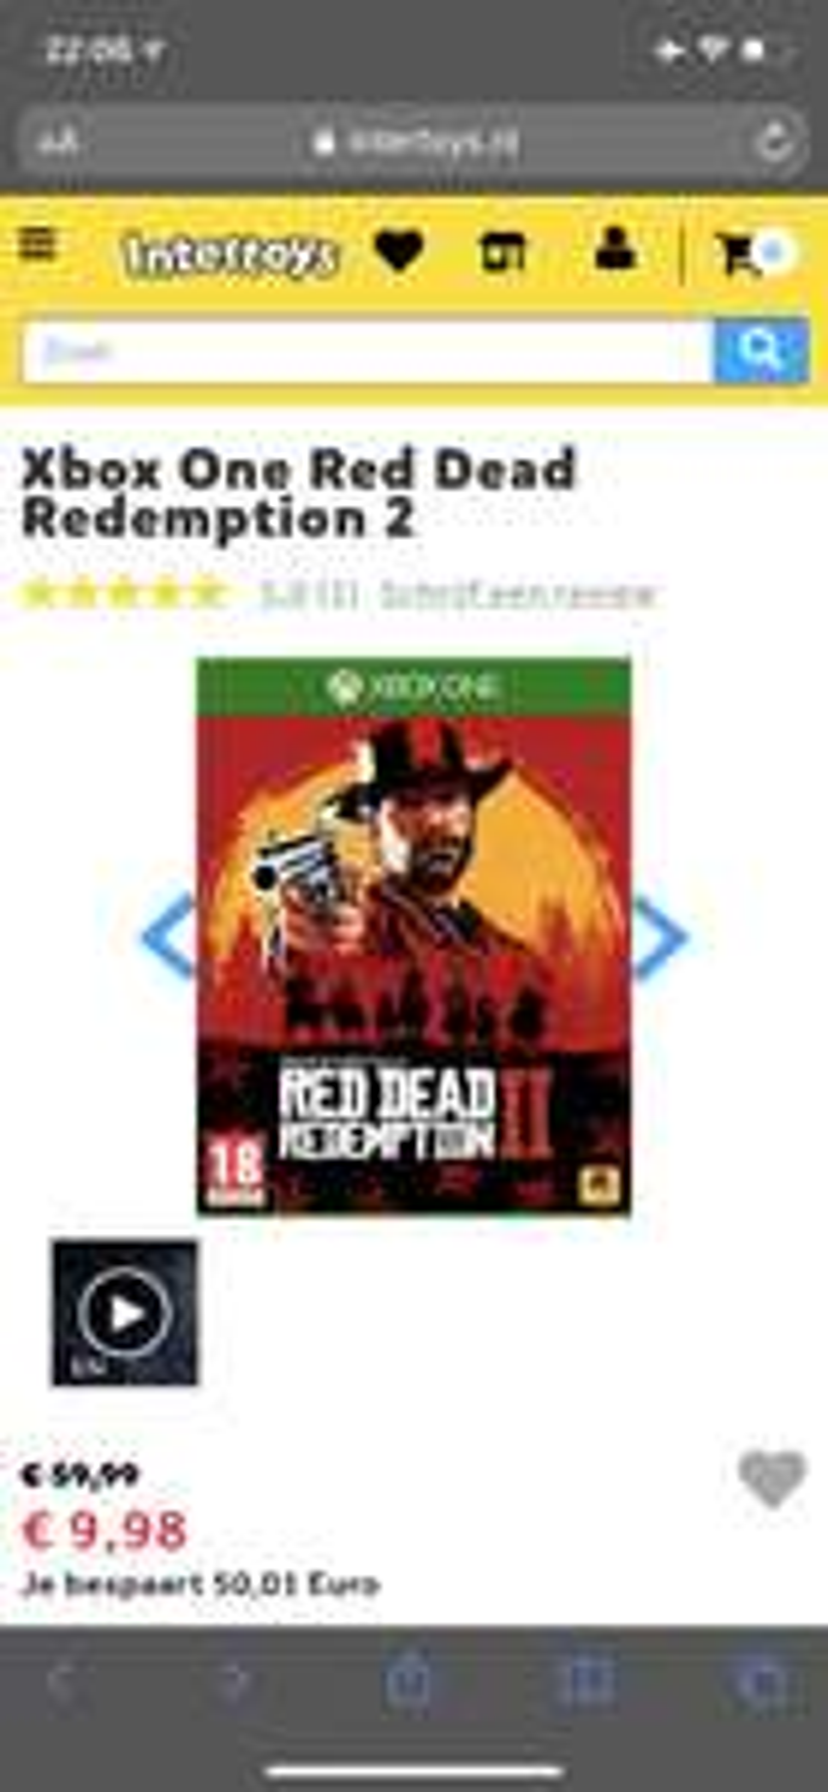 Red dead redemption 2 voor de xbox one